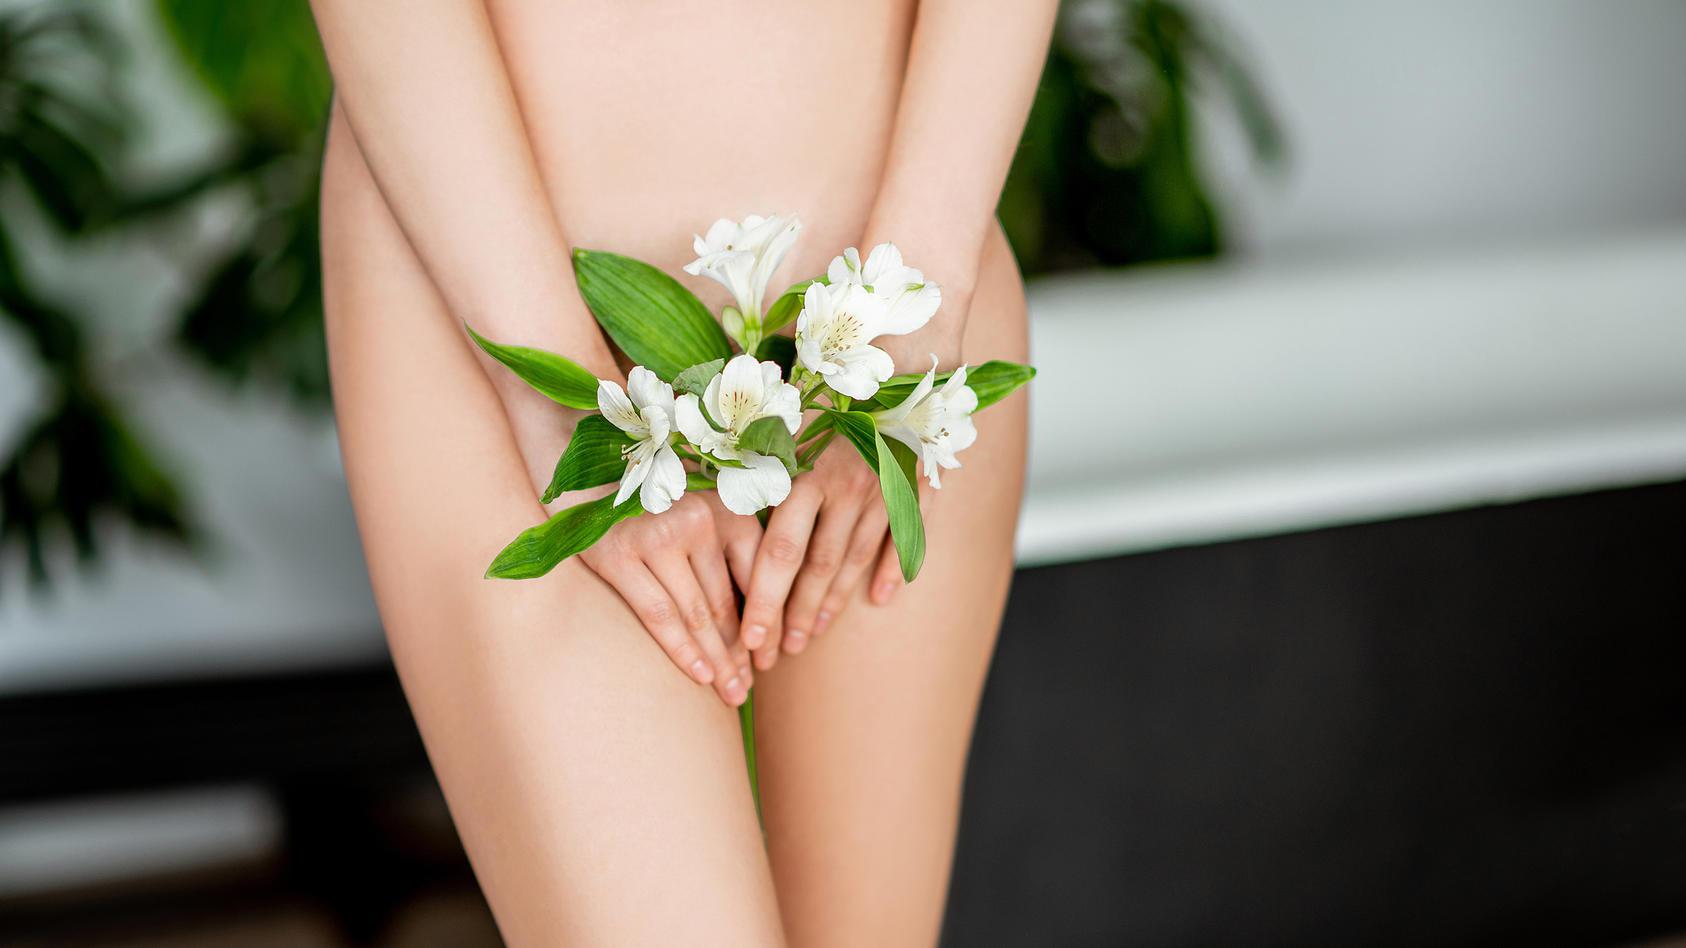 Das Jungfernhäutchen, auch Hymen genannt ist ein relativ dünnes, aber dehnbares Häutchen